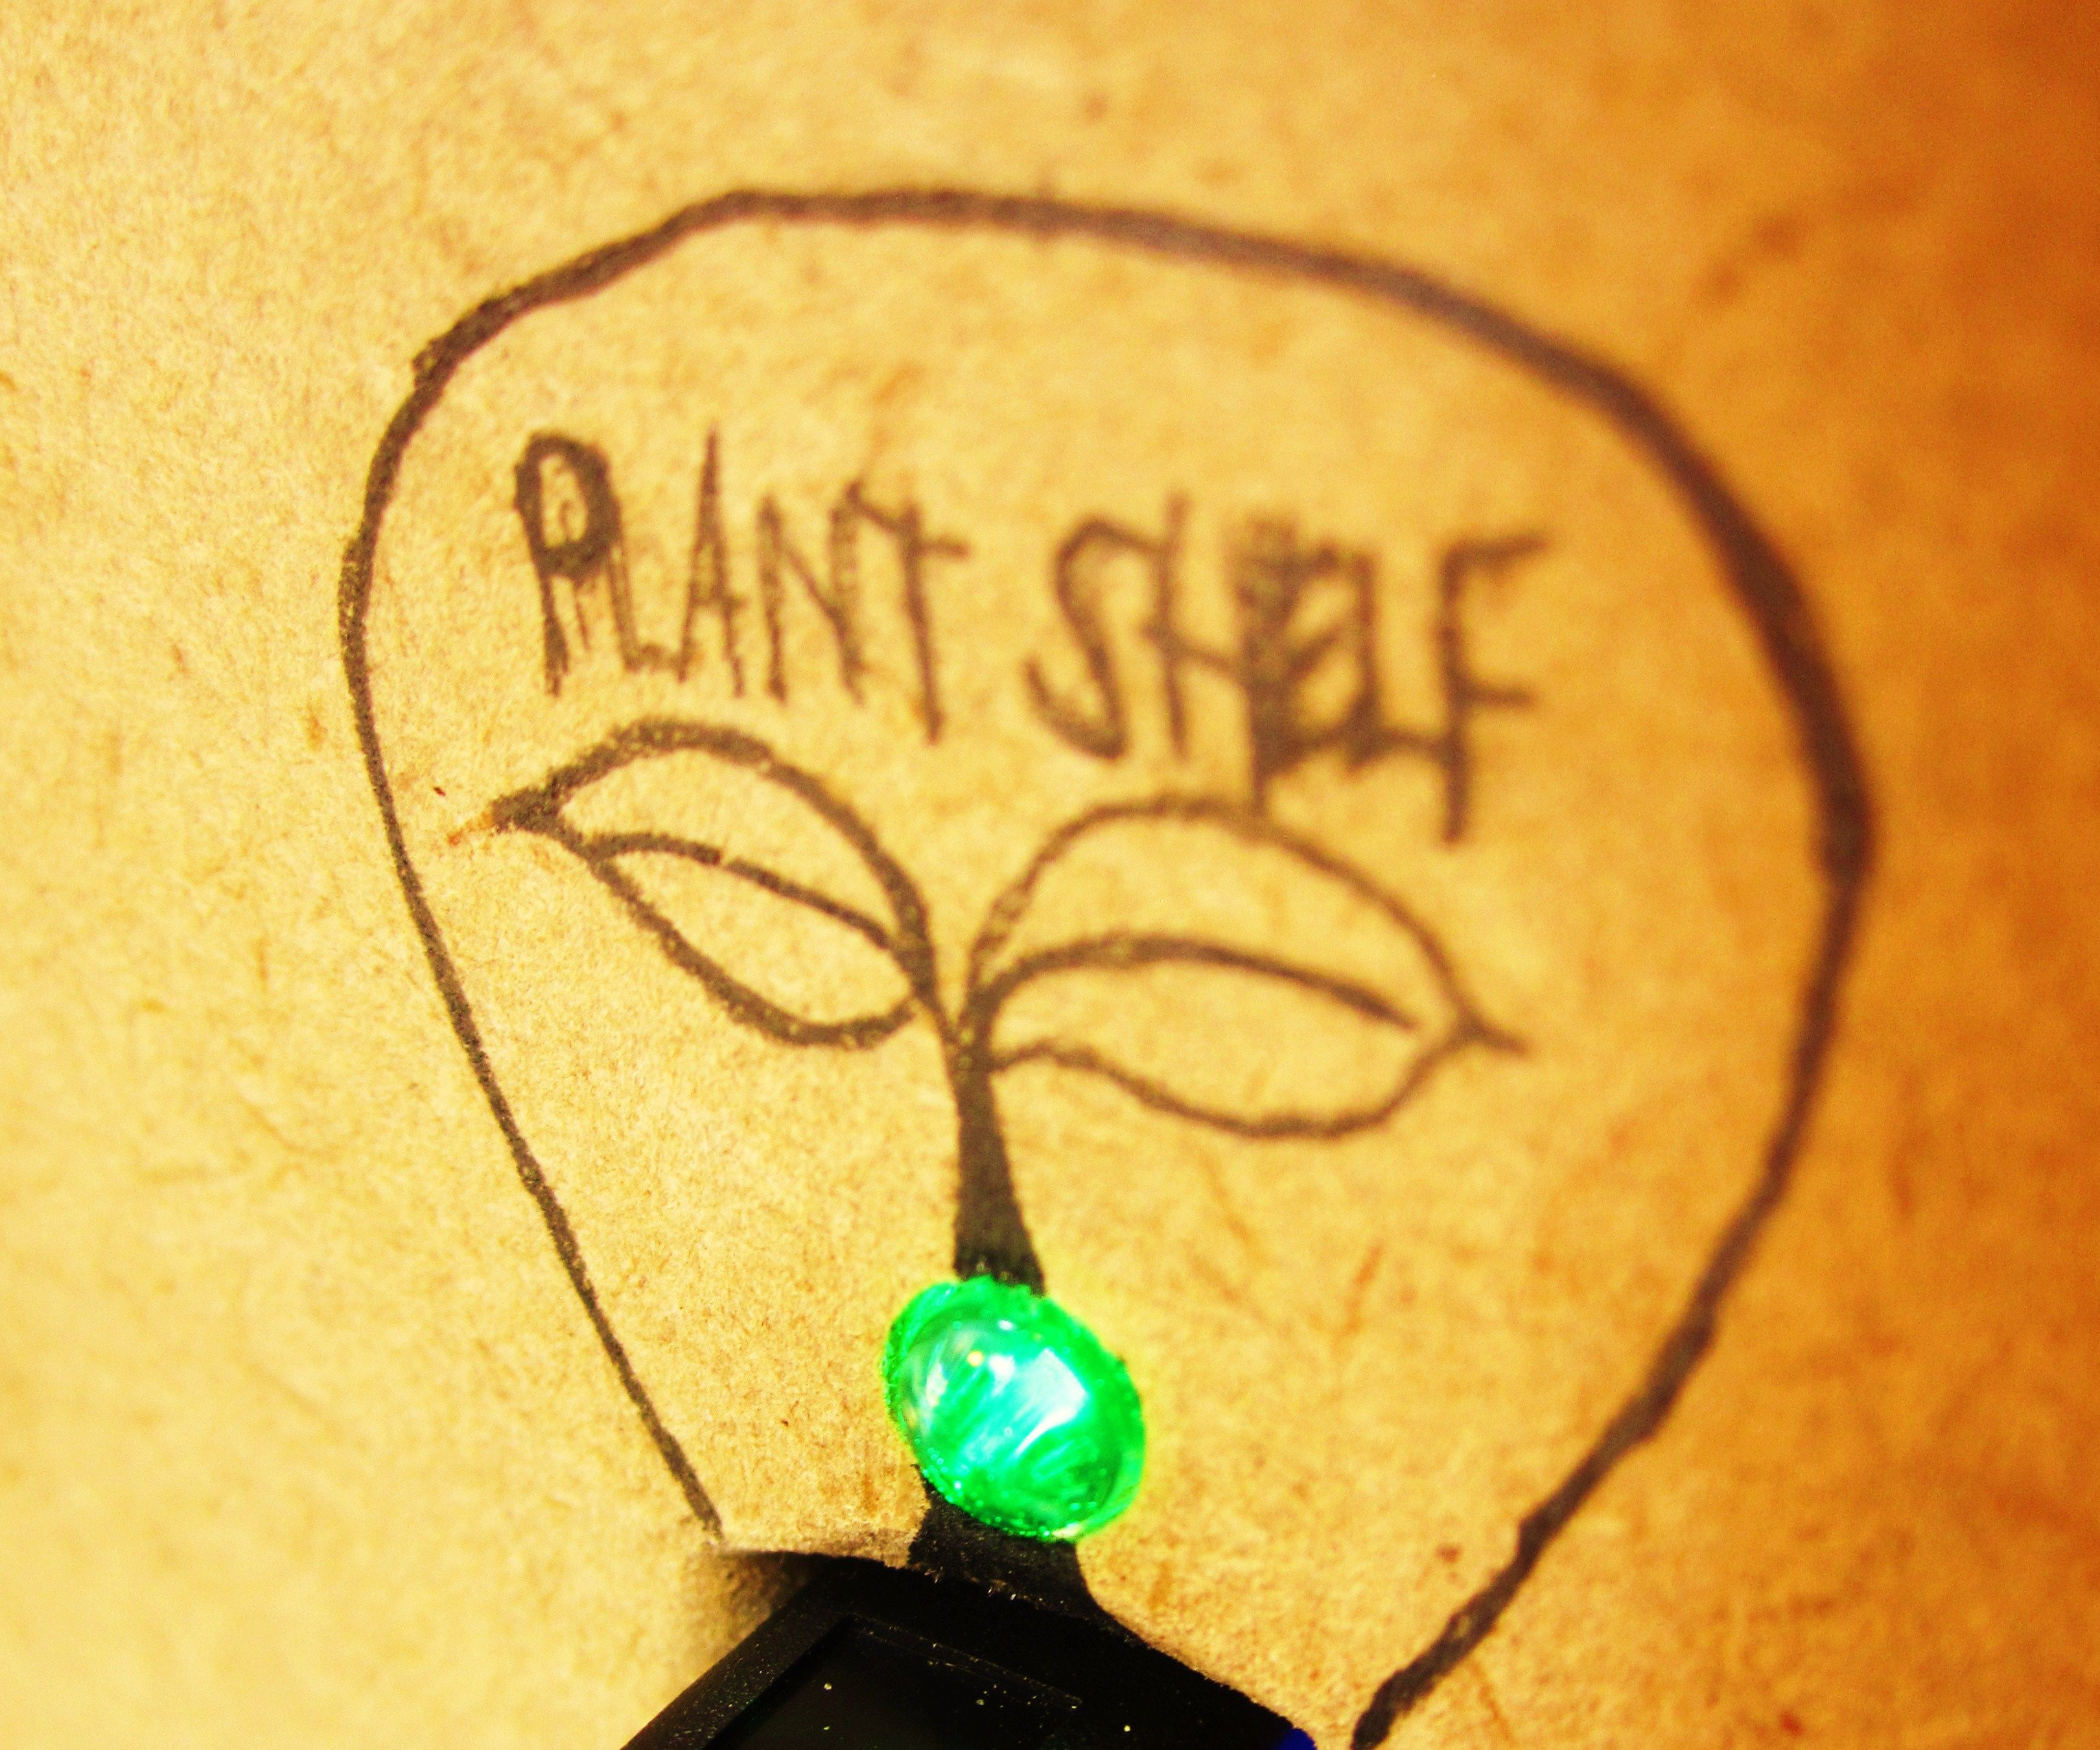 the Plant Shelf mini